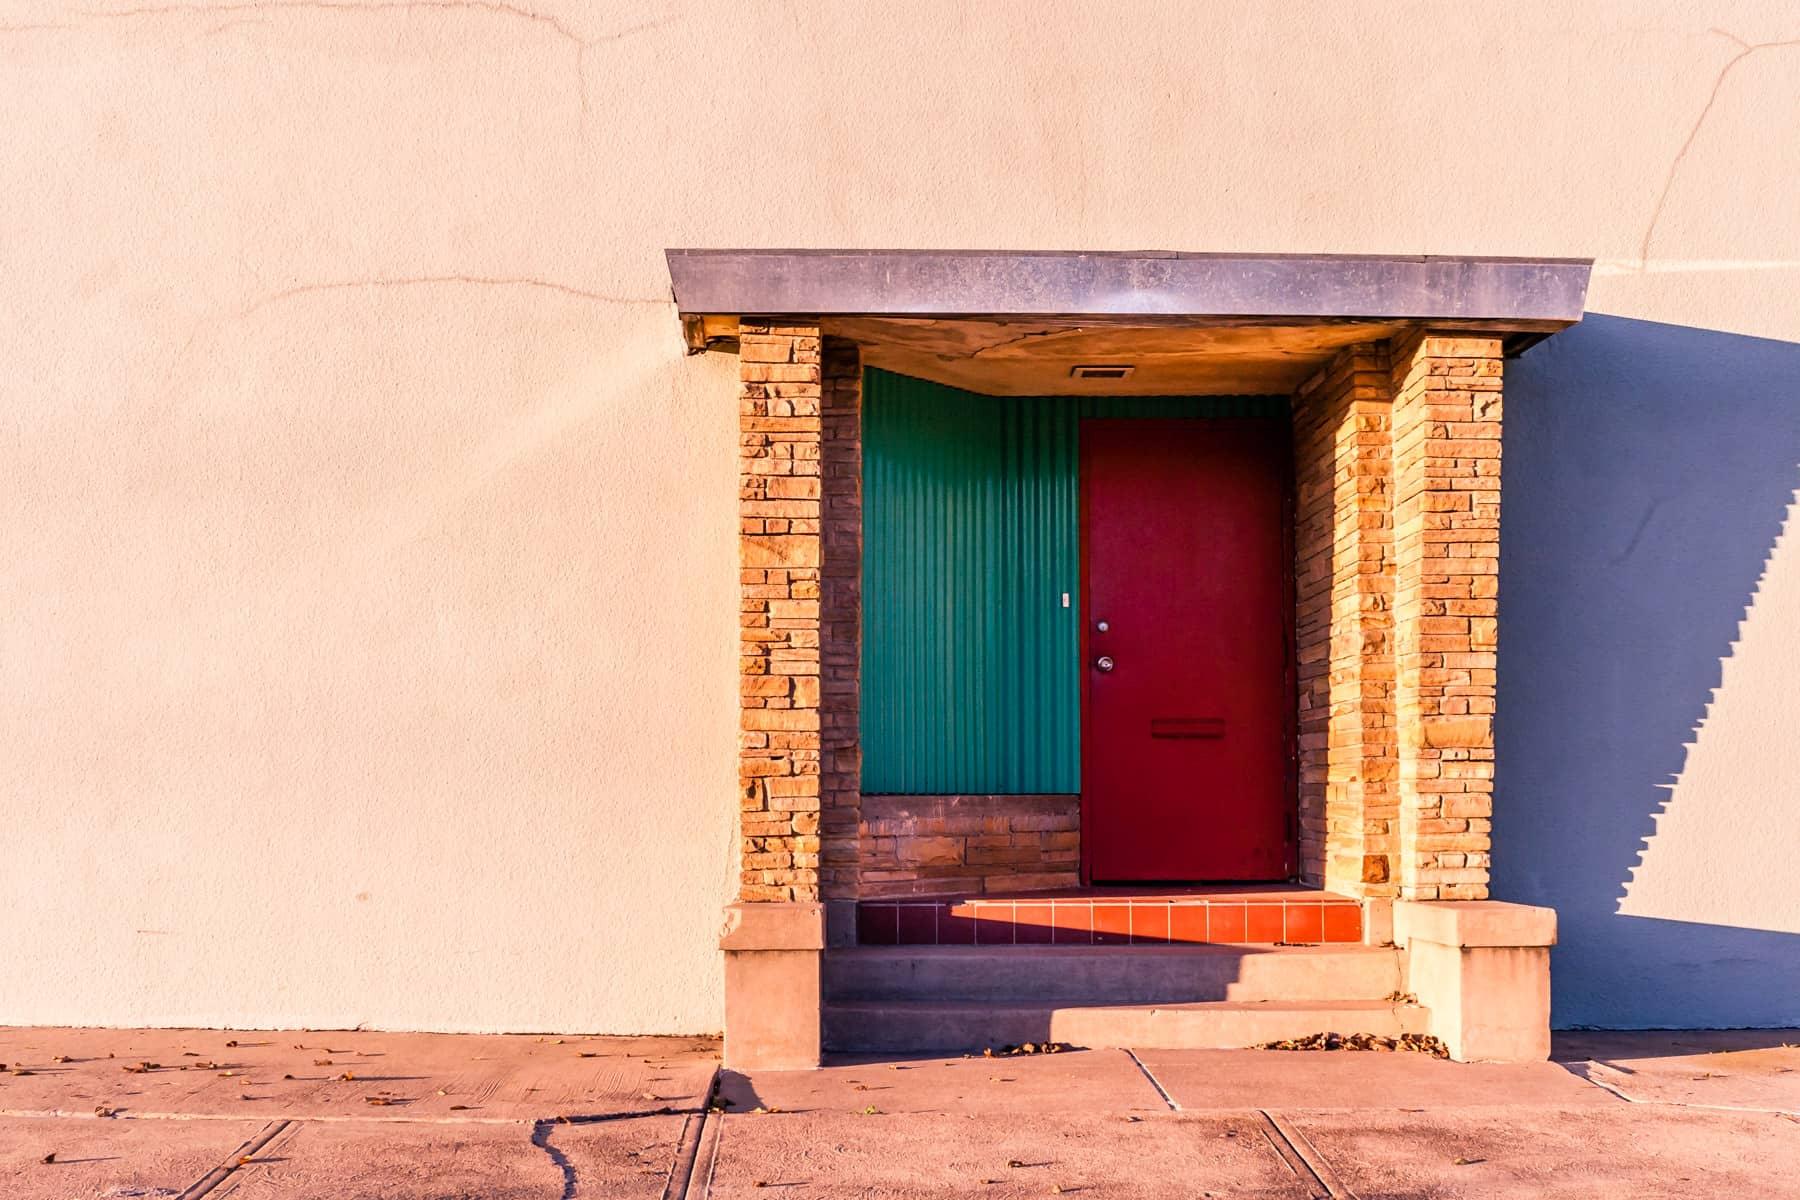 A door on the outside of a nondescript building in Dallas' Exposition Park/Fair Park neighborhood.